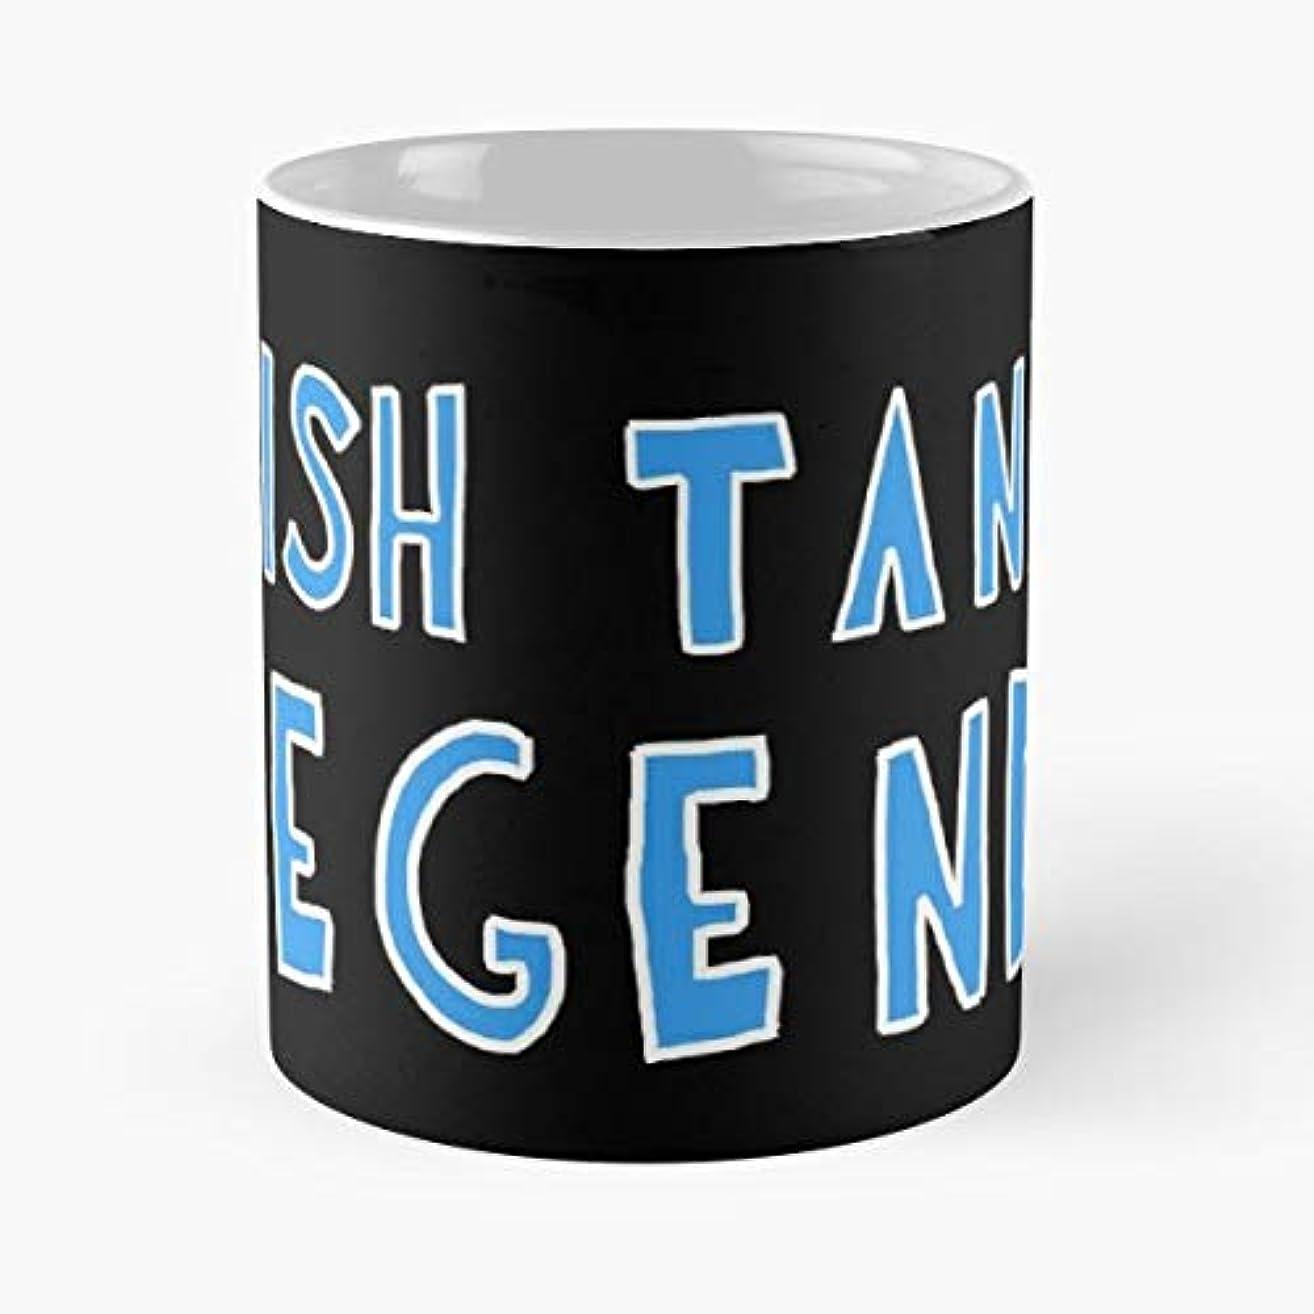 Saltwater Aquarium Reef Marine Aquascape Gift Coffee/tea Ceramic Mug 11 Oz